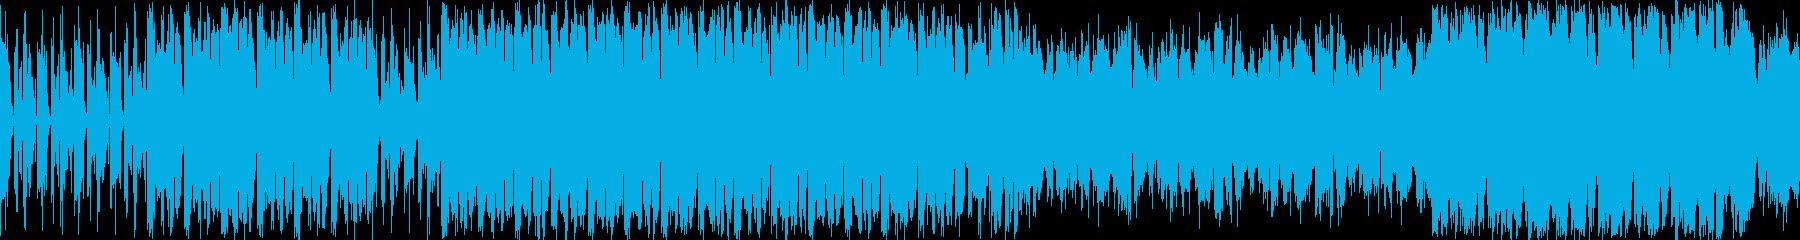 ラテンなノリの戦闘曲。ループ素材。の再生済みの波形